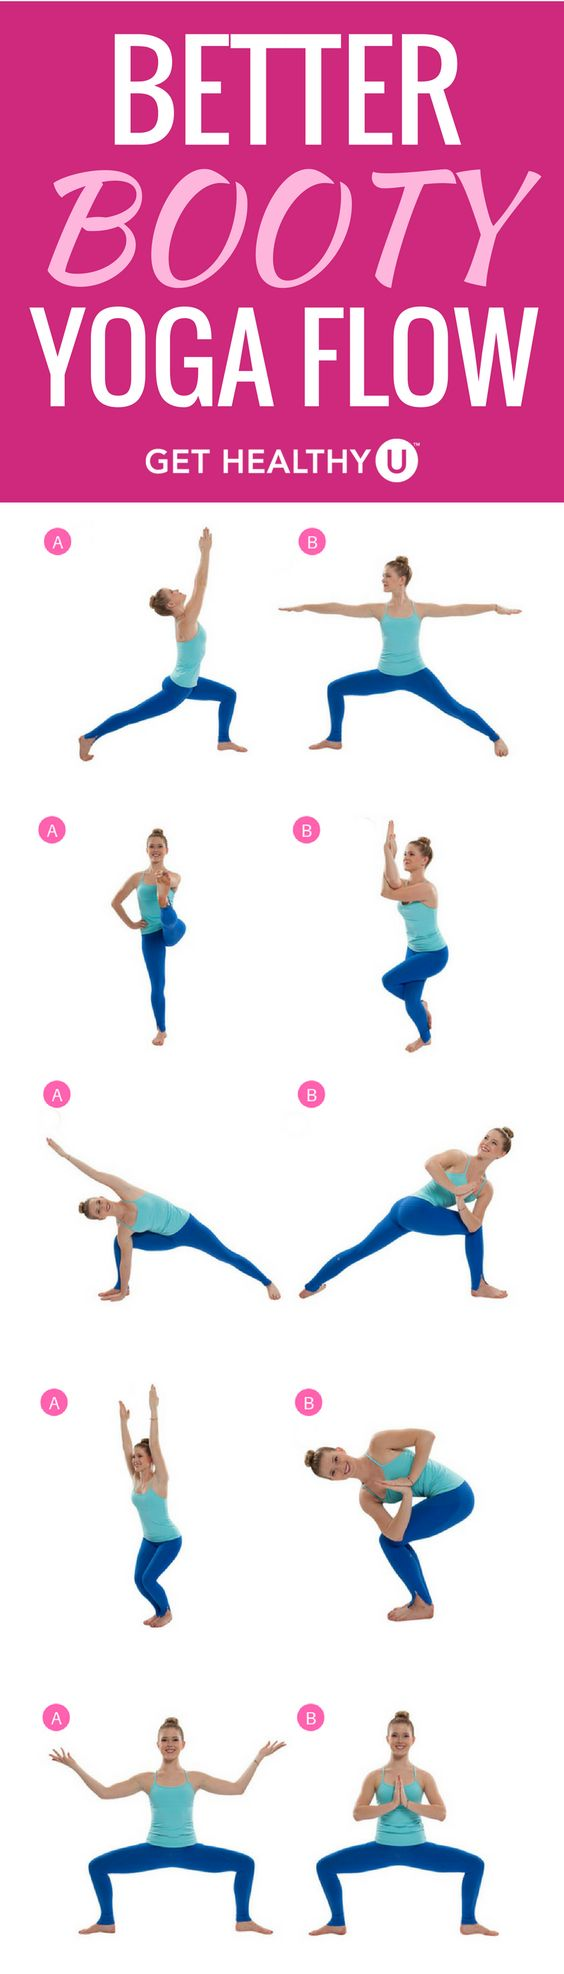 better booty yoga flow